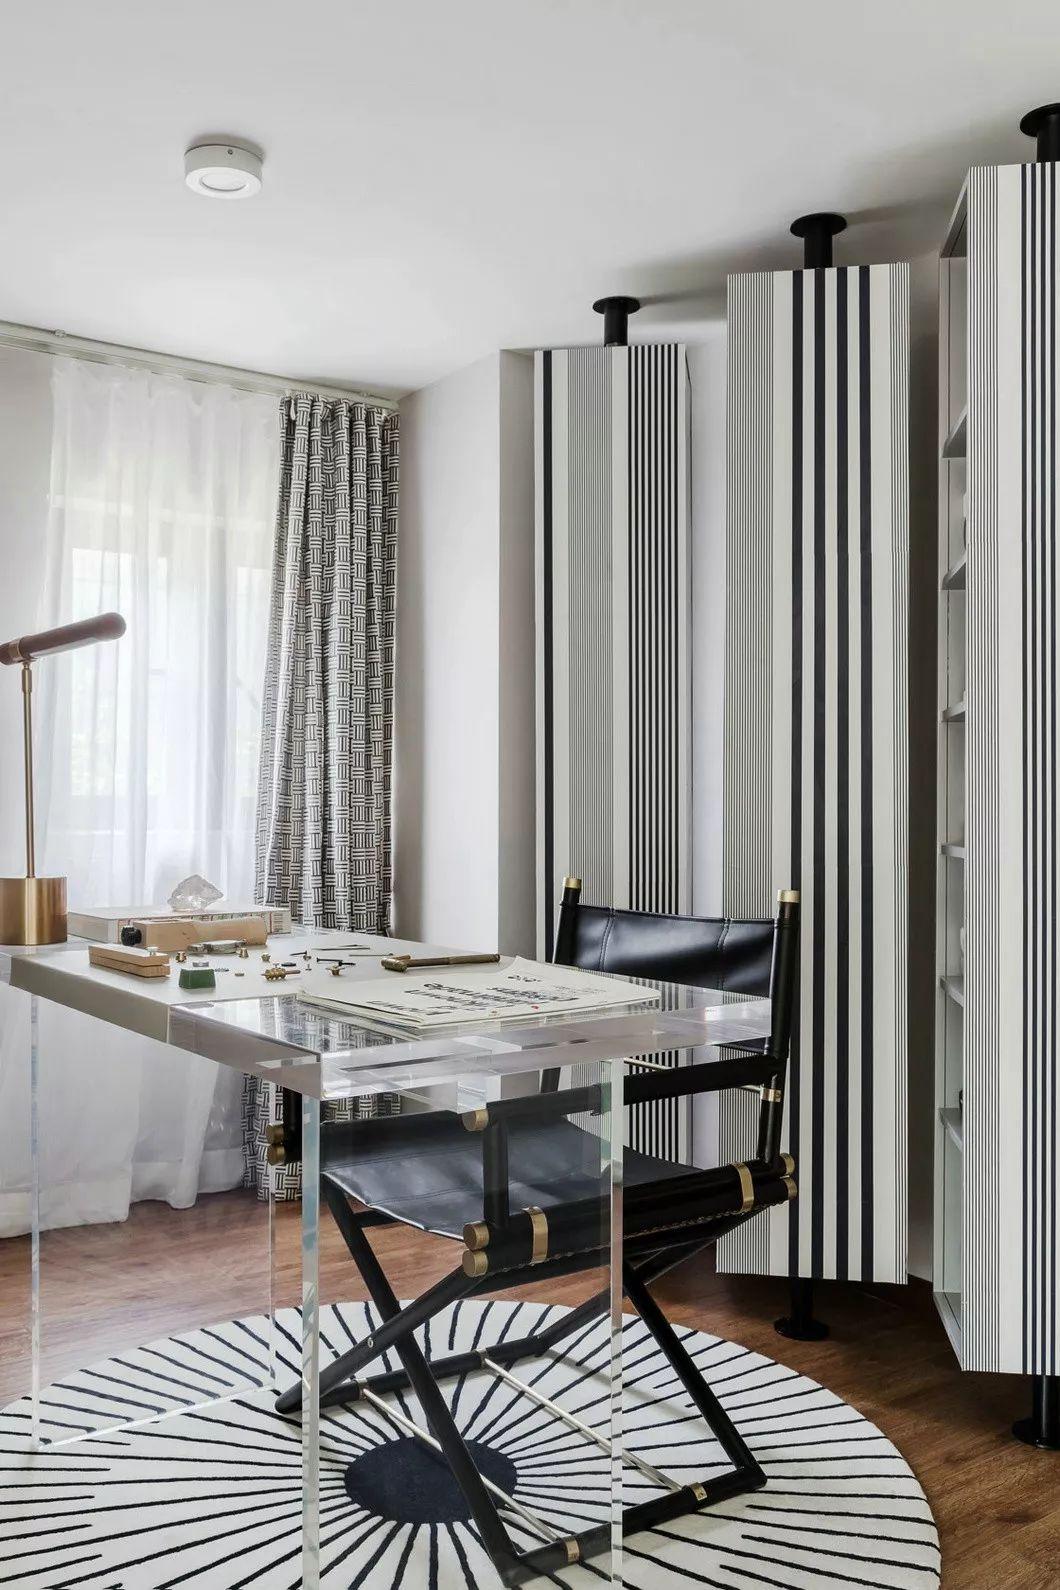 工作间内,设计师的手法变得奔放,线条在这里得到了视觉的爆发:隐藏书架、 地毯以及窗帘错落有致的相交。